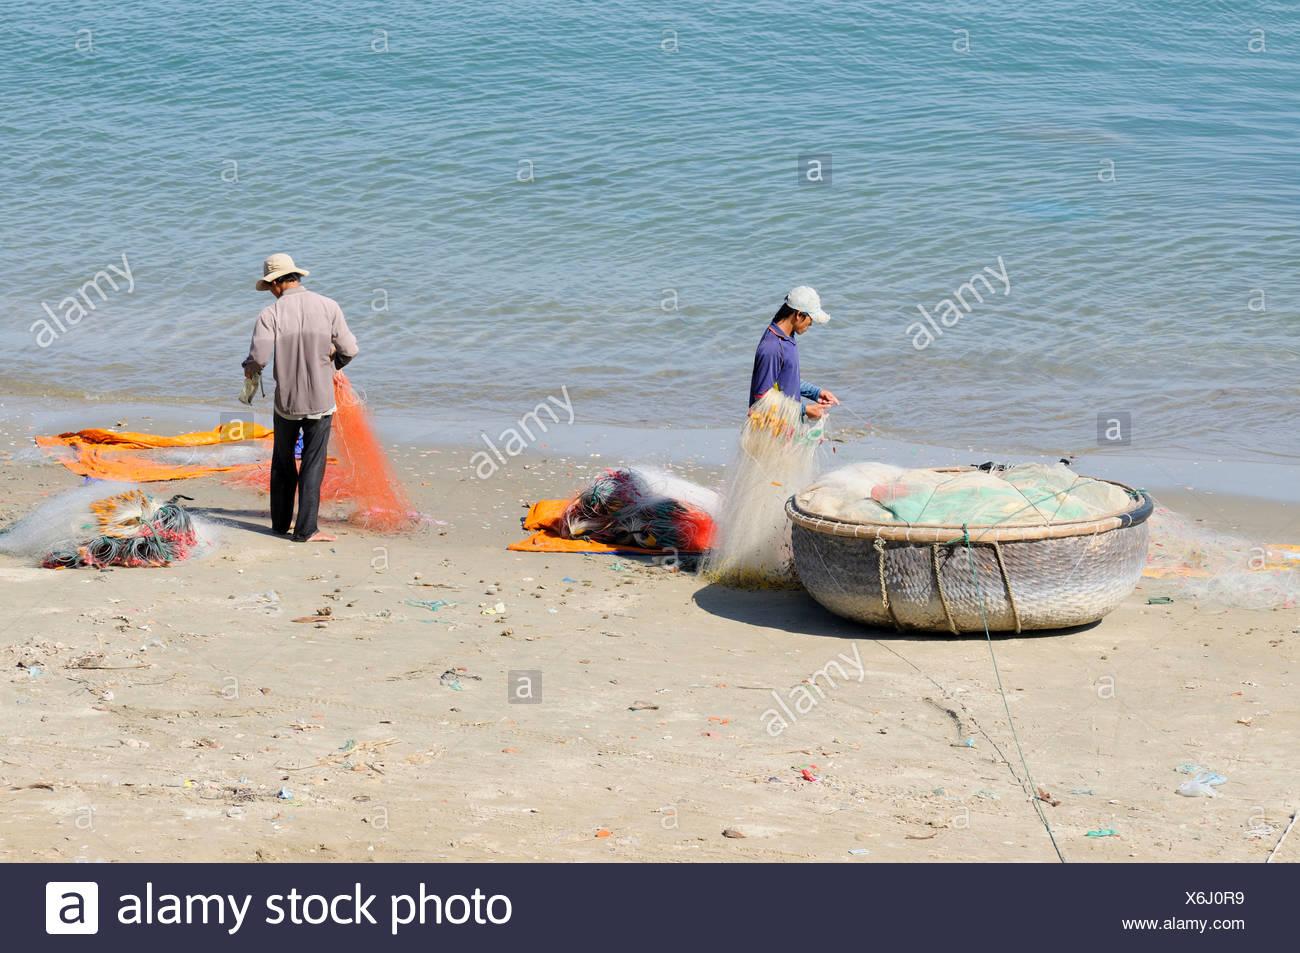 Two fishermen on a beach repairing their fishing nets, Mui Ne, Vietnam, Asia - Stock Image